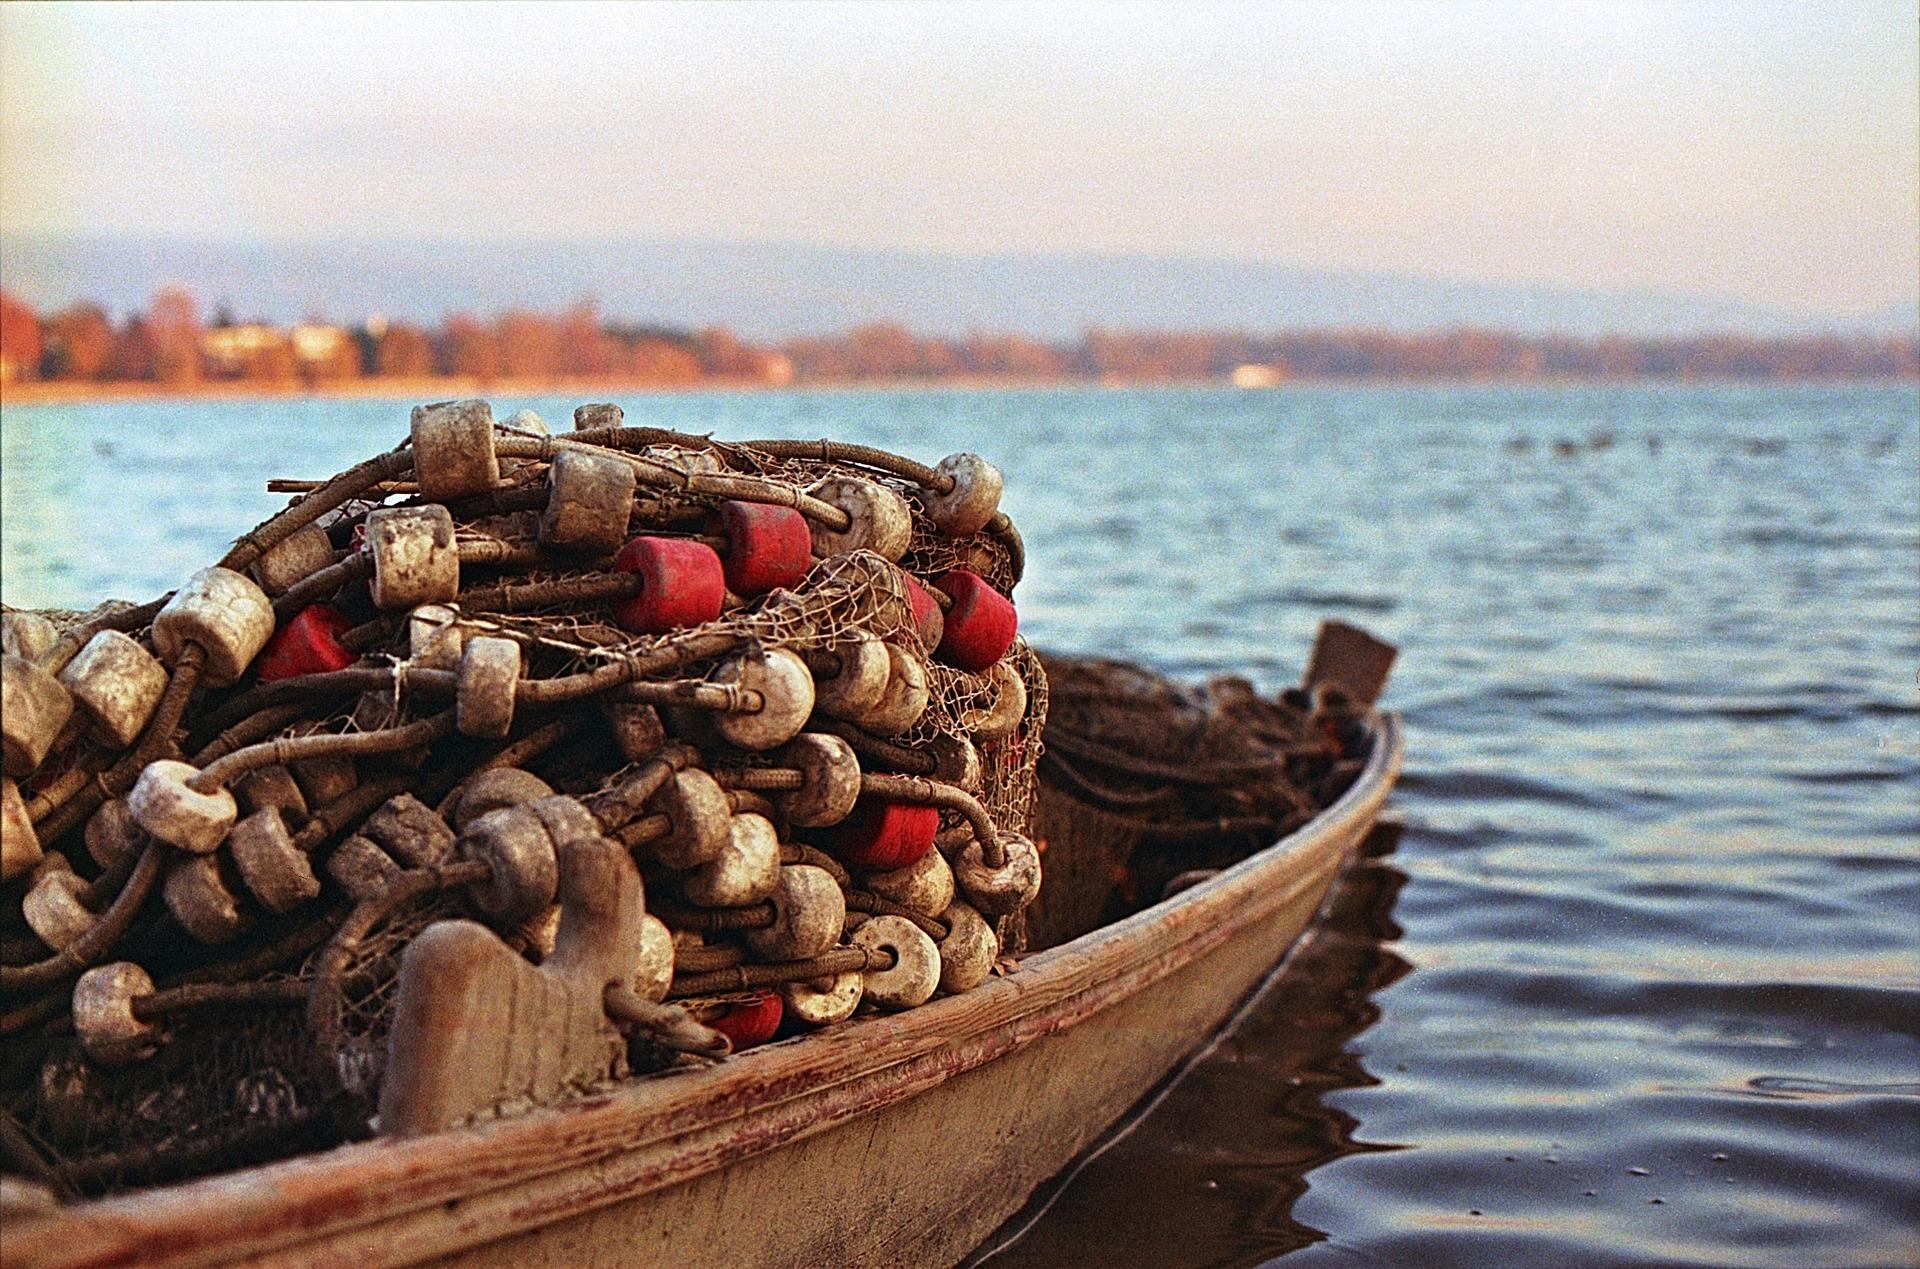 fishing-boat-1281272_1920